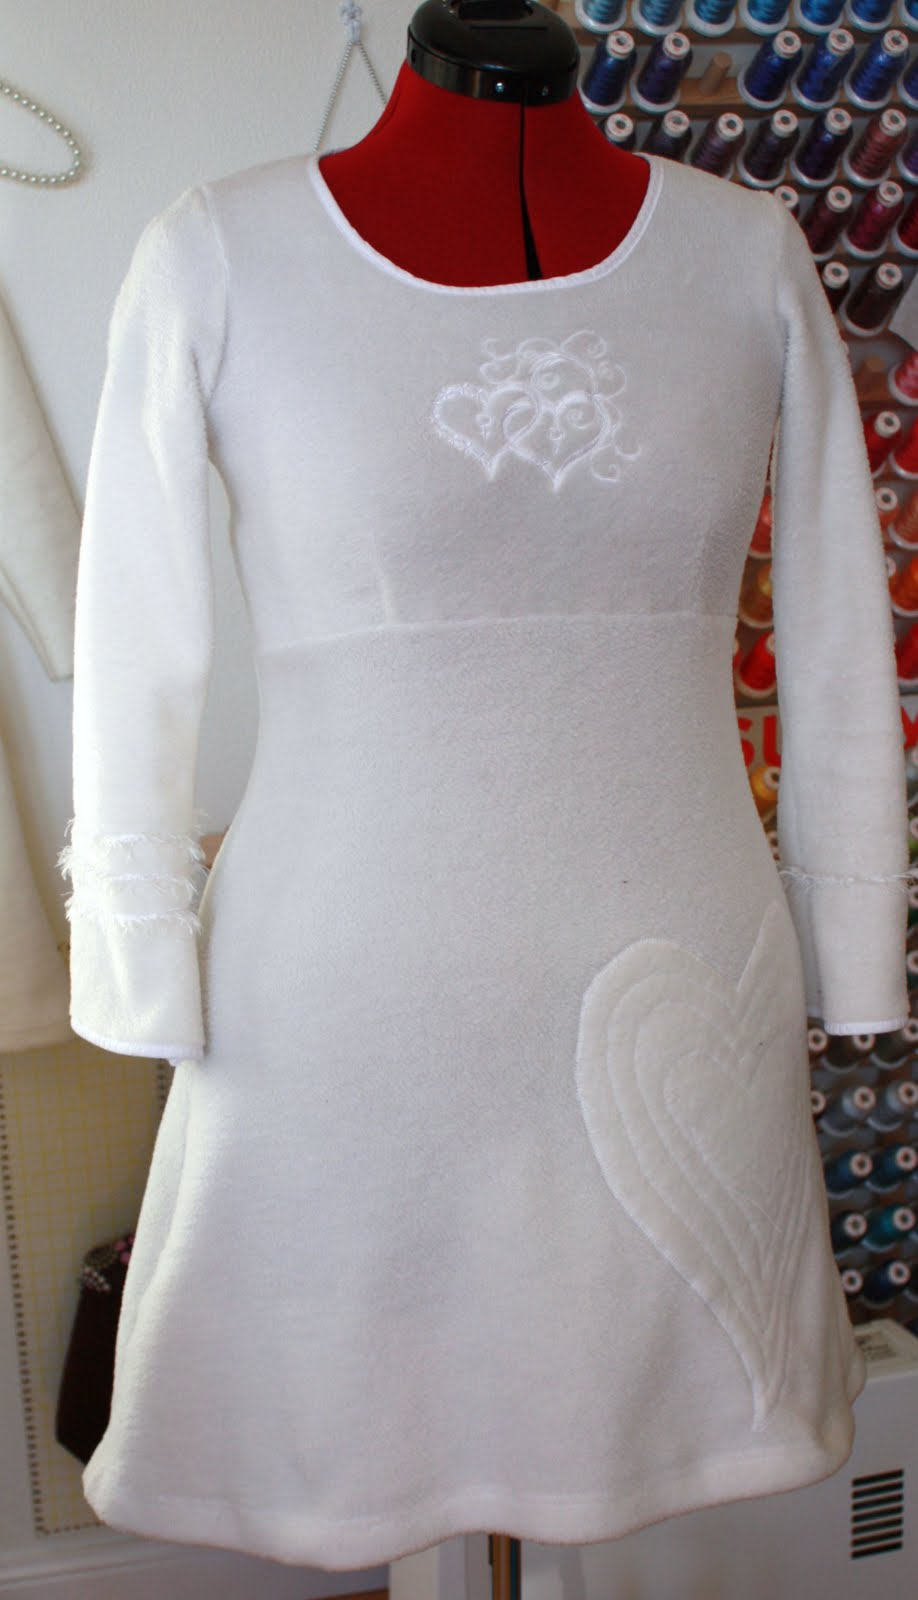 d16b7ef2 Tonje Sara: En hvit kjole til meg selv.